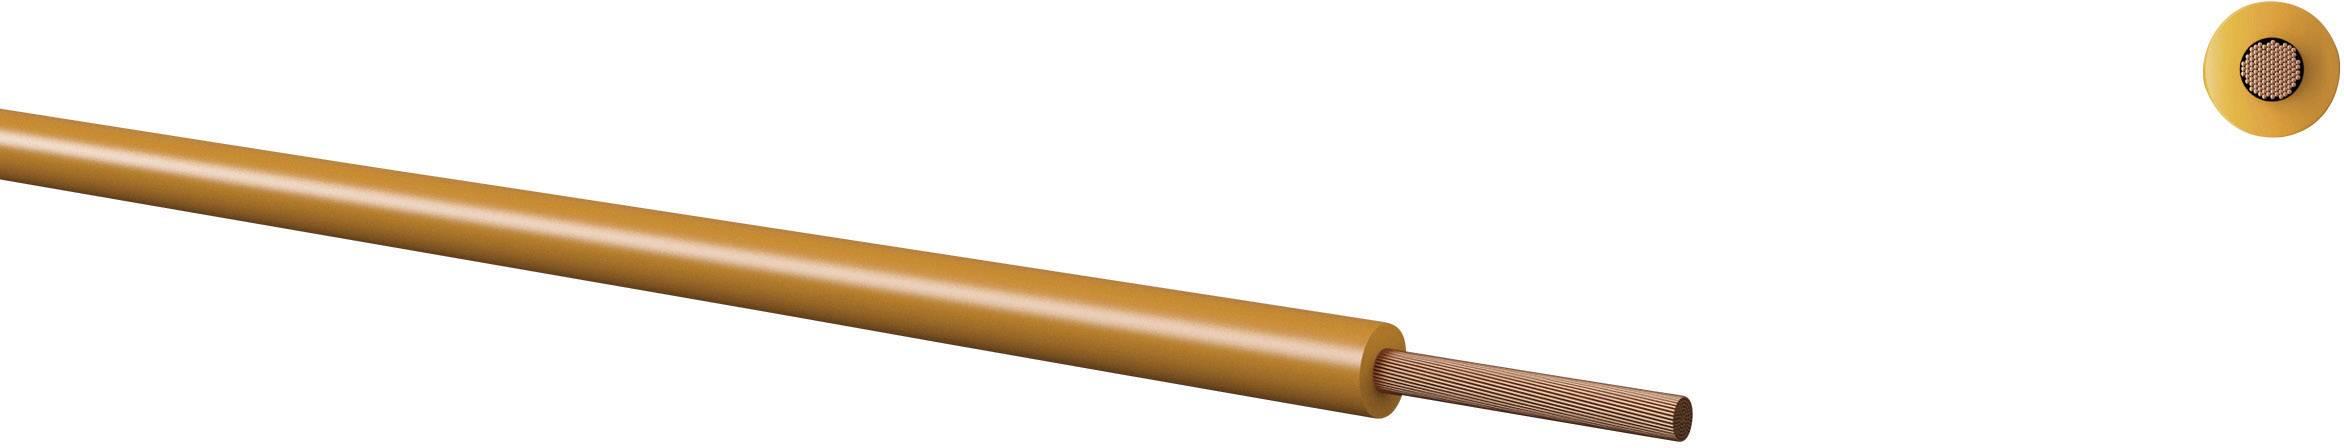 Opletenie / lanko Kabeltronik 160115004 LiFY, 1 x 1.50 mm², vonkajší Ø 3.40 mm, metrový tovar, žltá